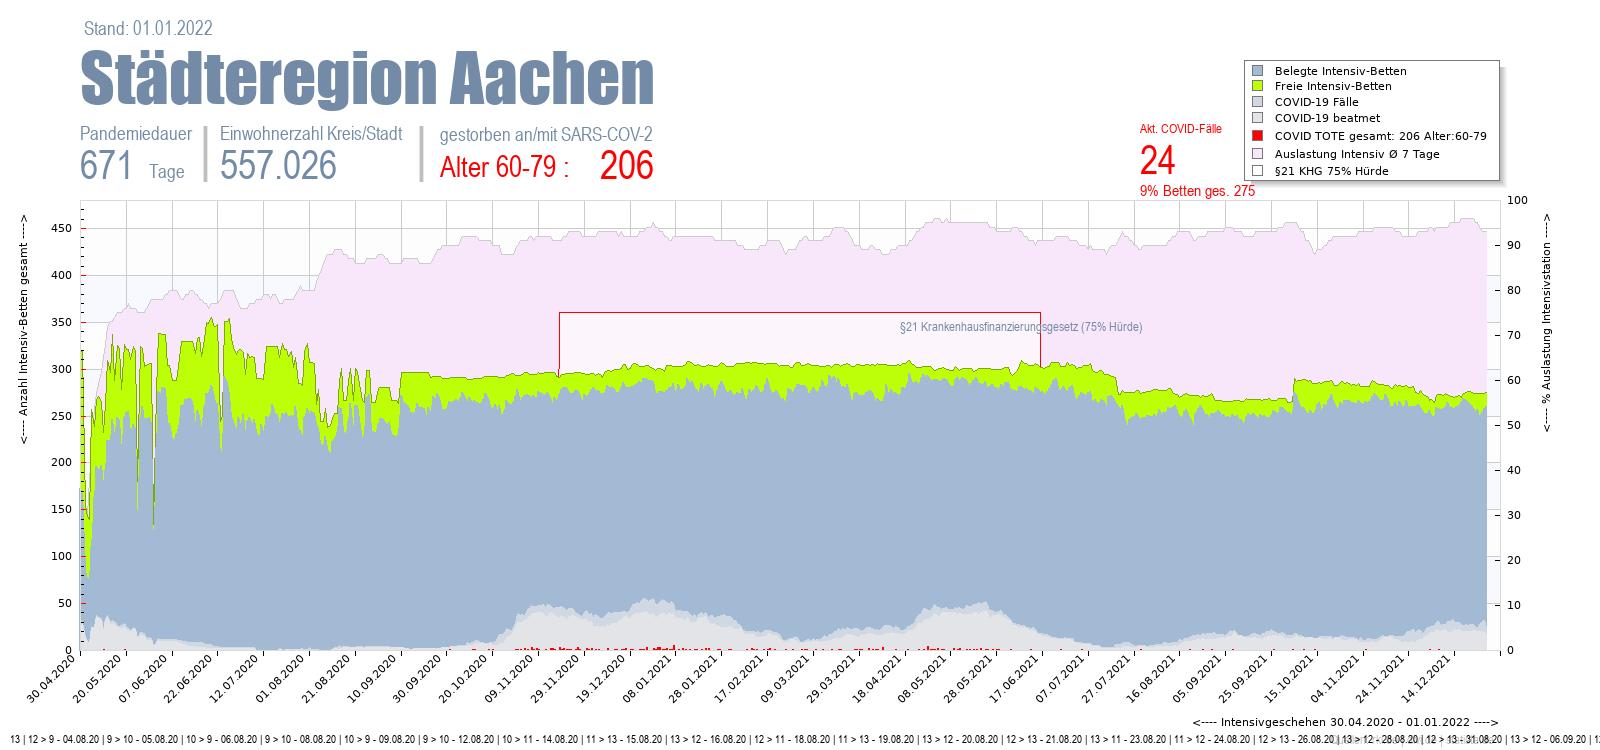 Intensivstation Auslastung Städteregion Aachen Alter 0-4